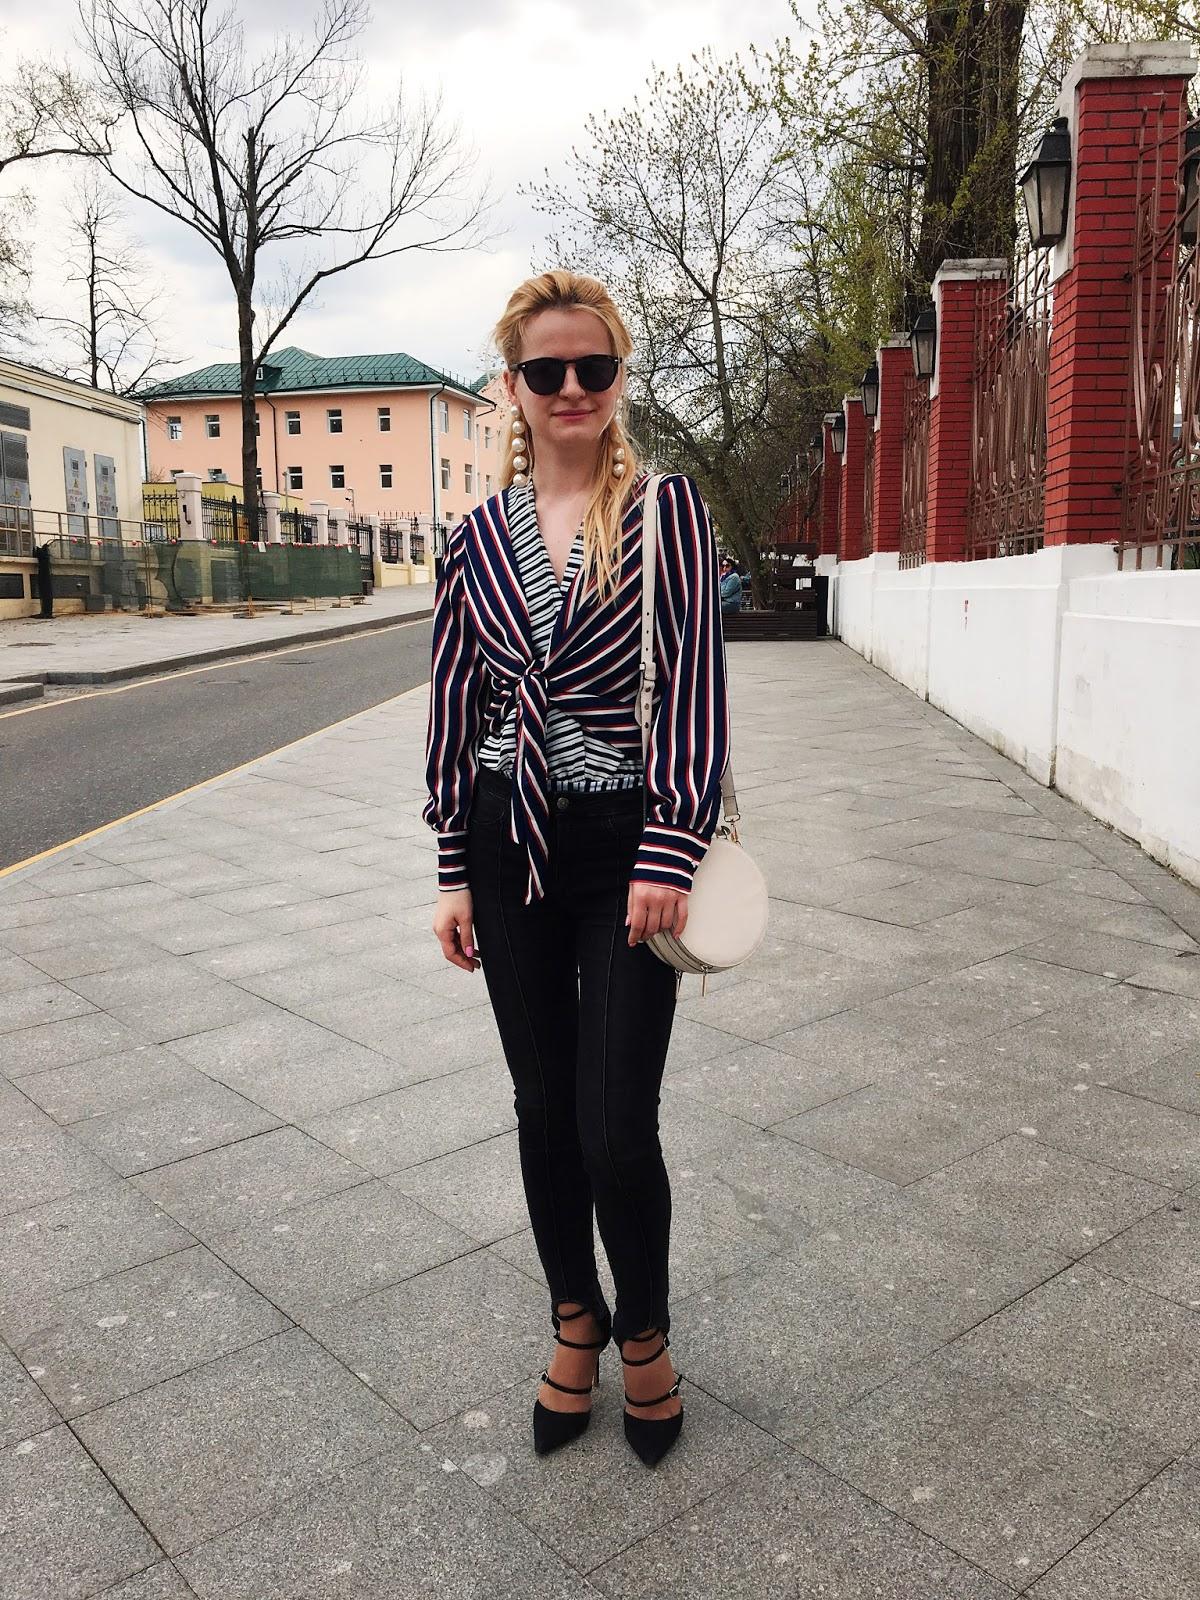 модный блоггер москва, луки модные, наряды лето, fashion blog, fashion trends stripes